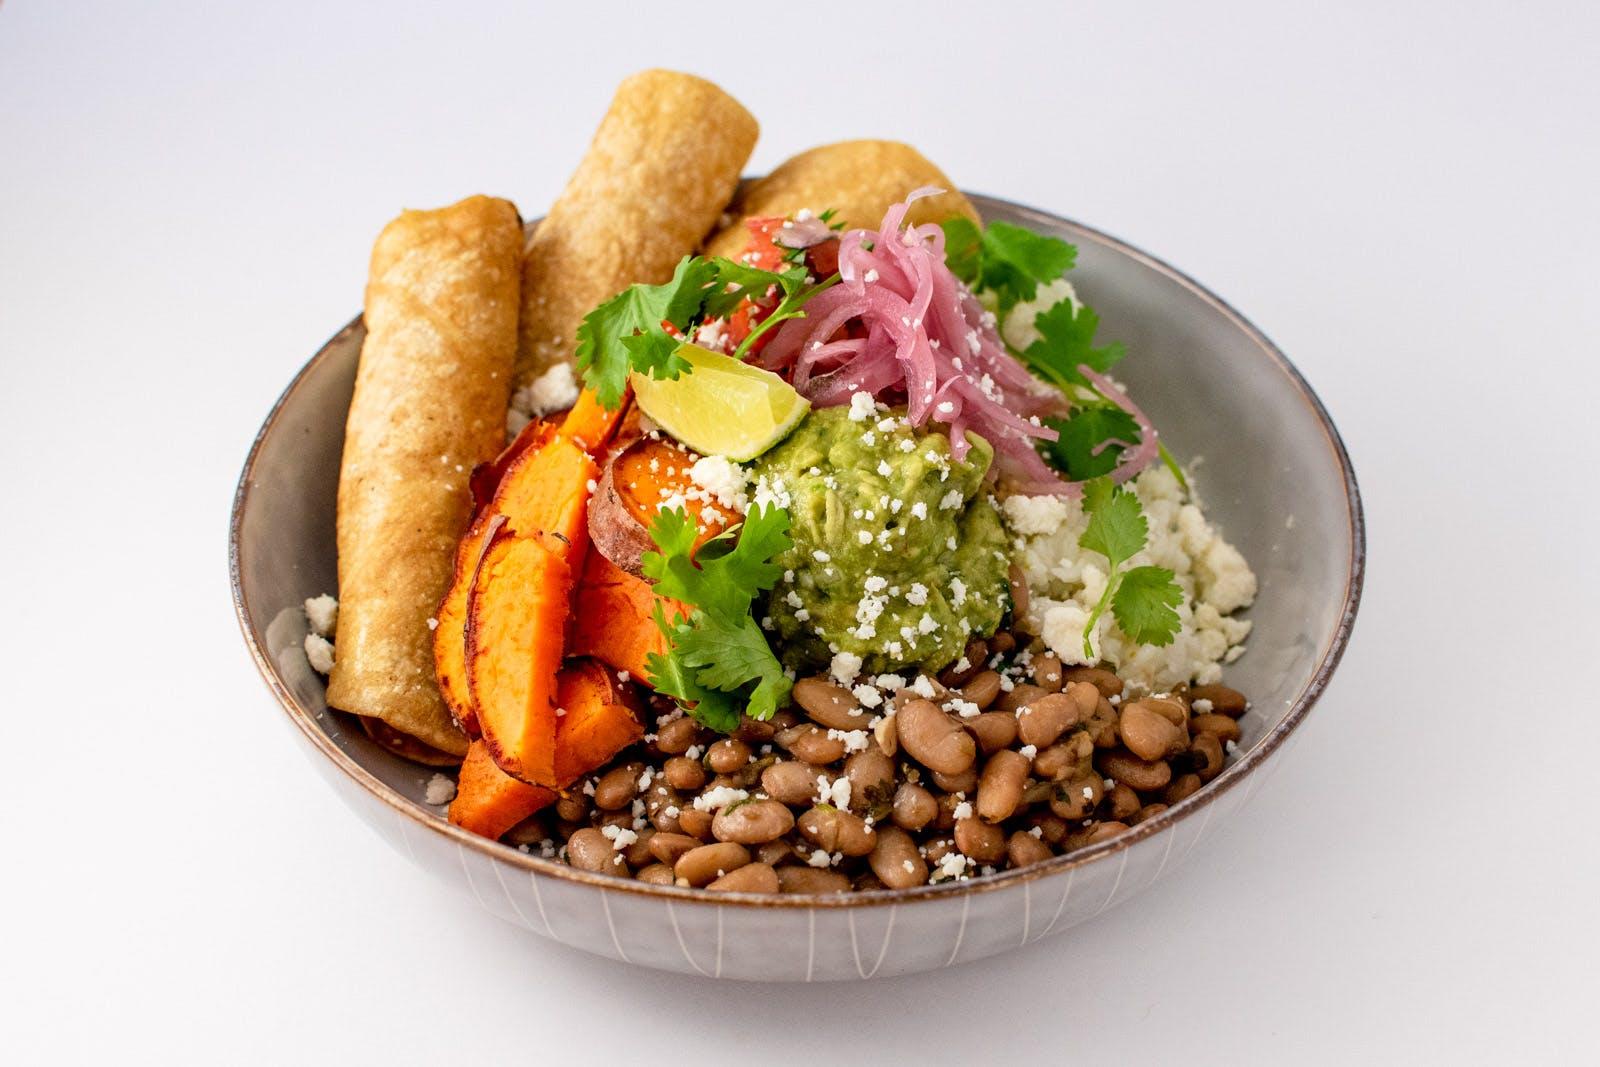 Roasted Sweet Potato Bowl from Taco Royale - Eastside Madison in Madison, WI